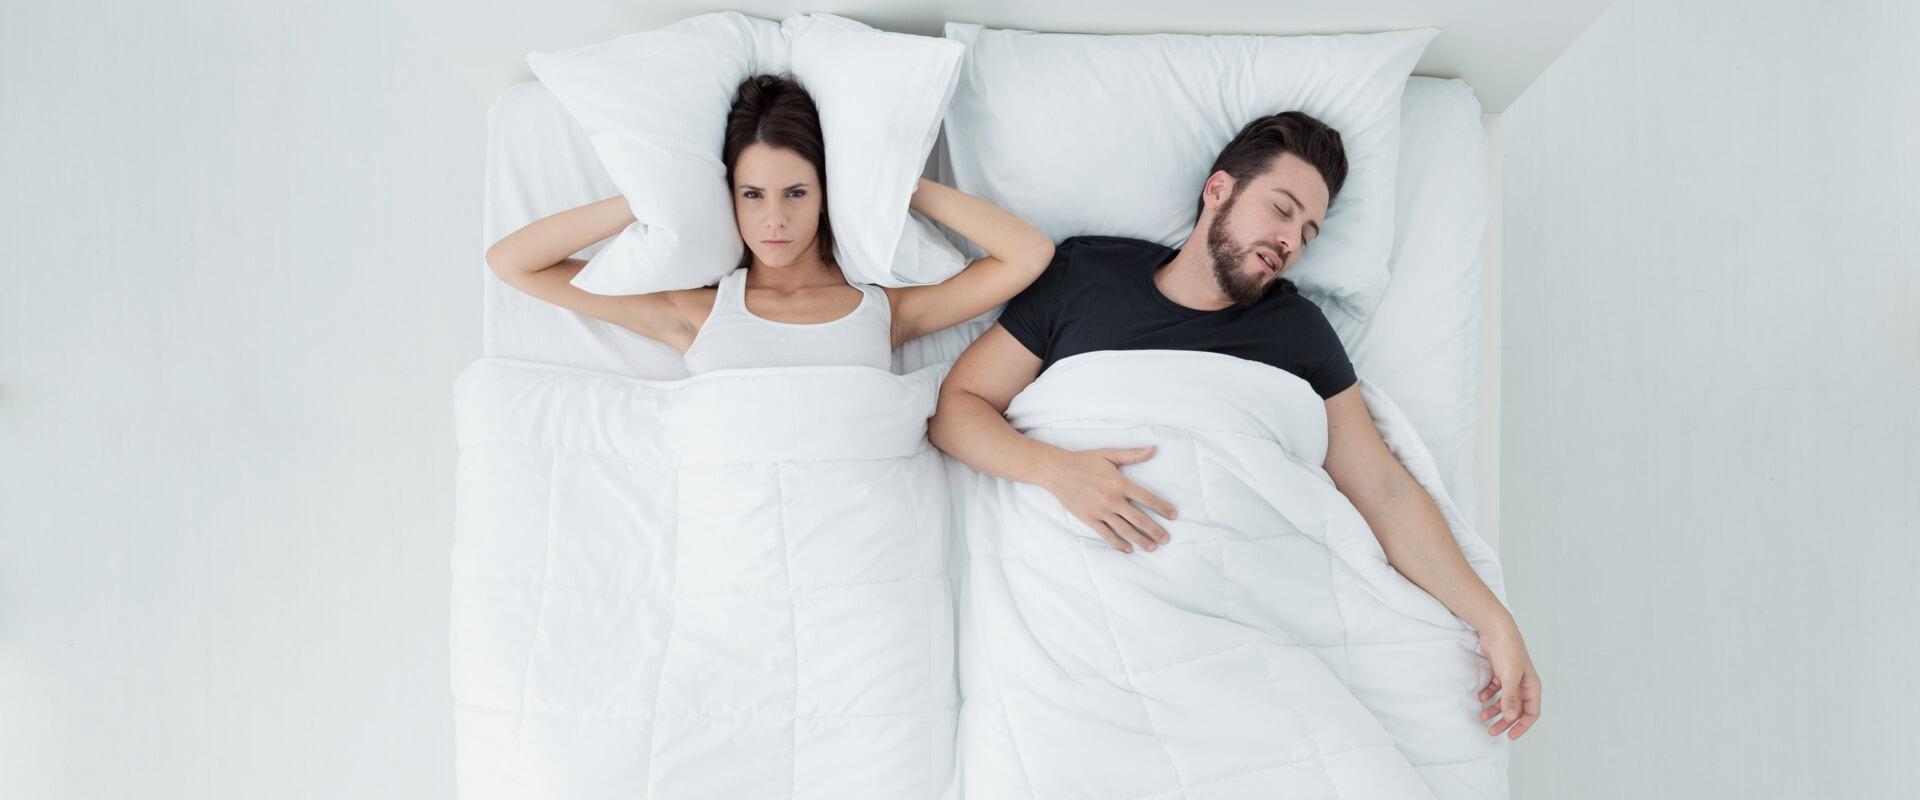 ronquidos-pareja-dormir